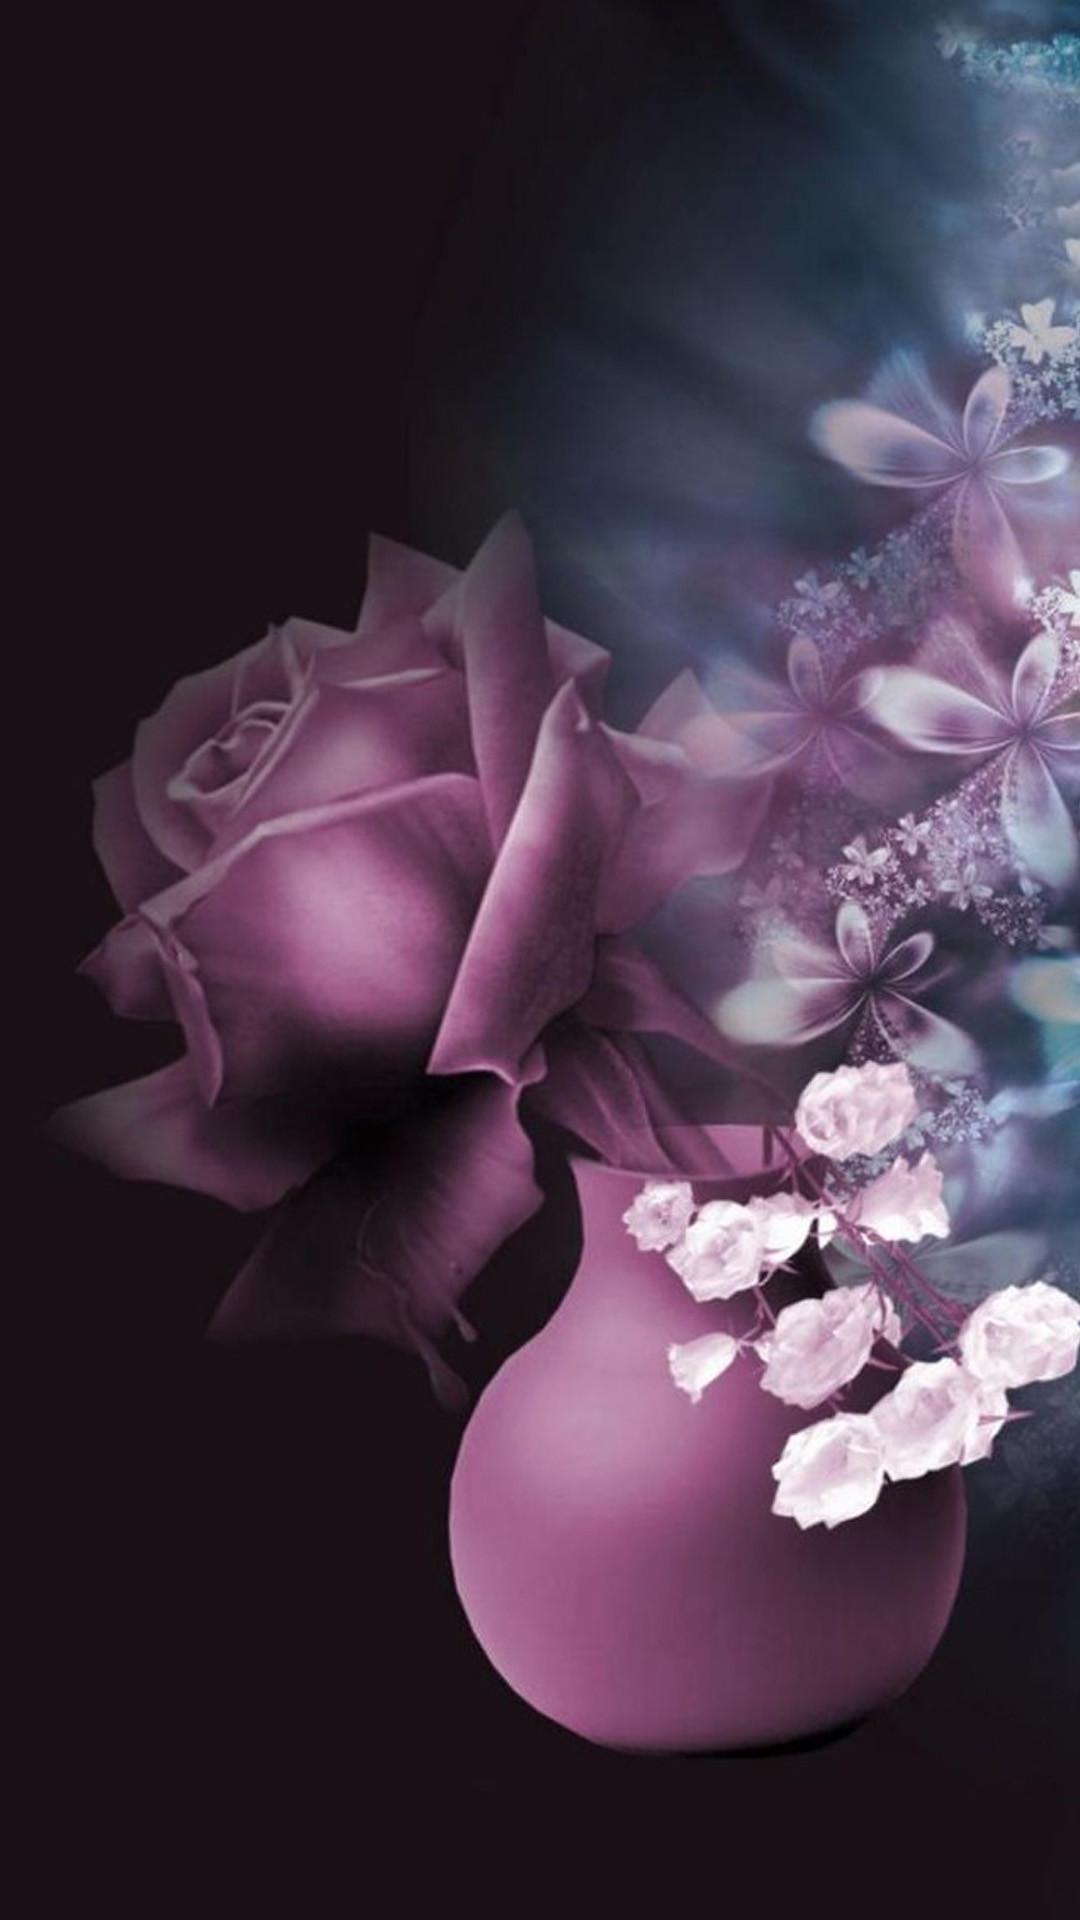 Purple Pink Rose Vase Drawn Art iPhone 8 wallpaper